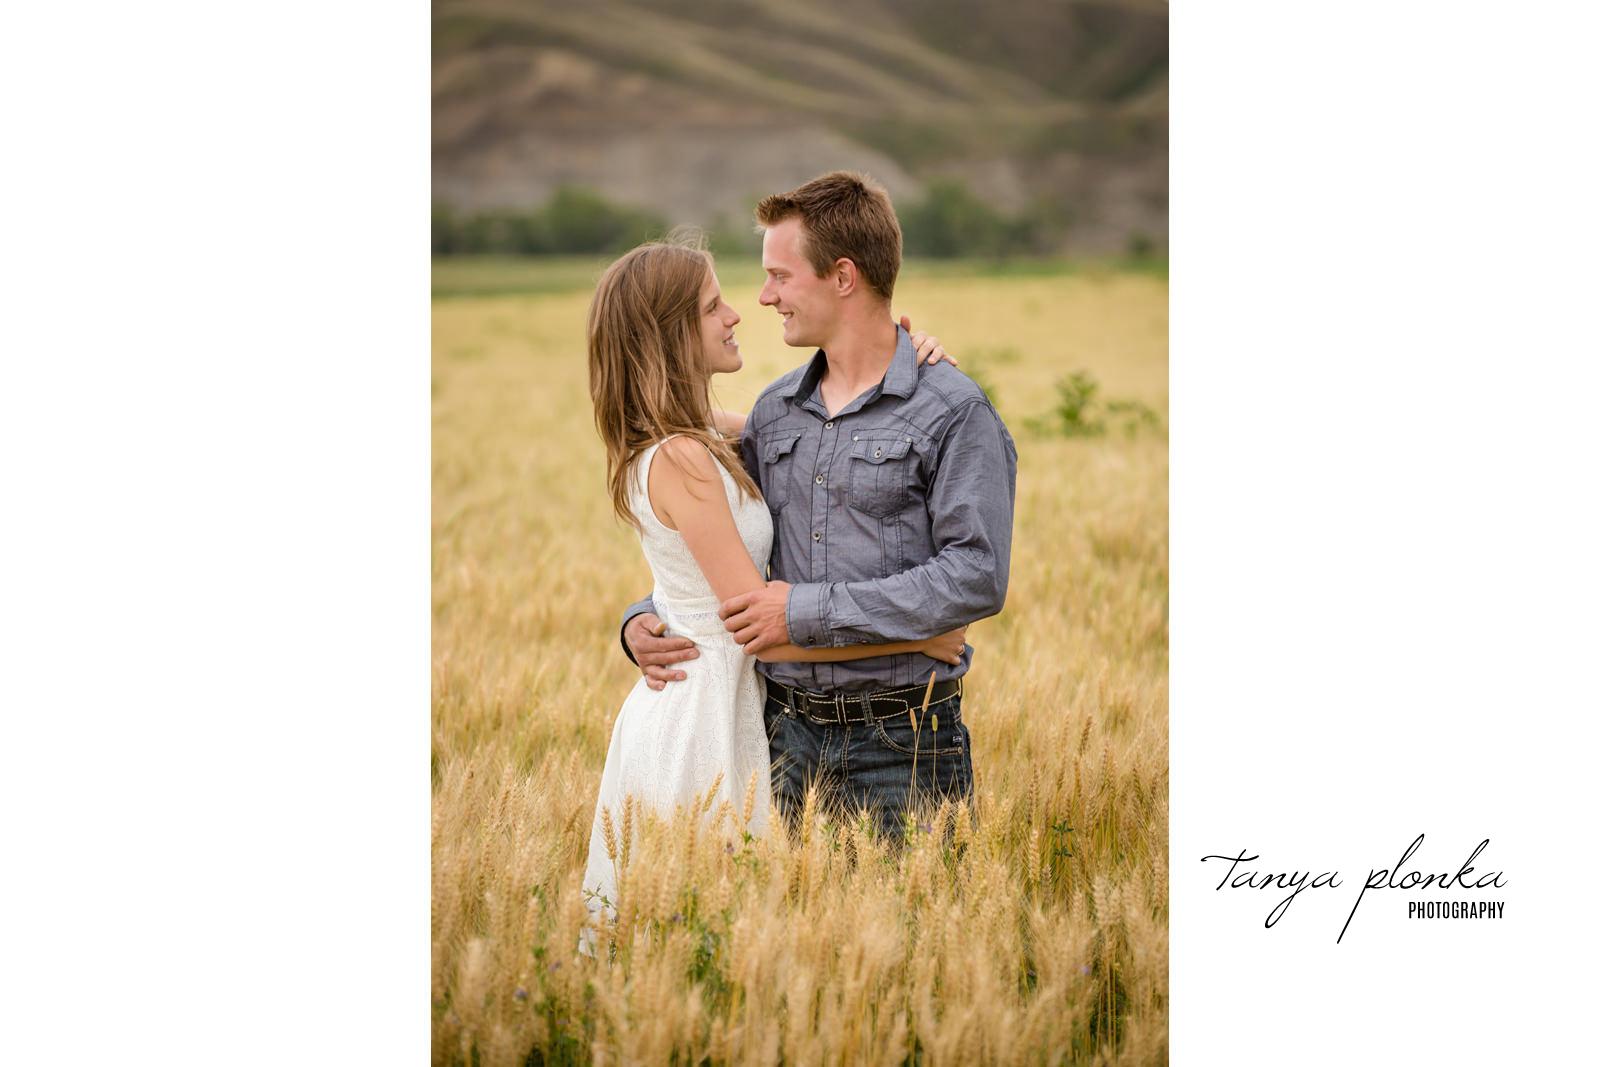 couple embrace in golden wheat field